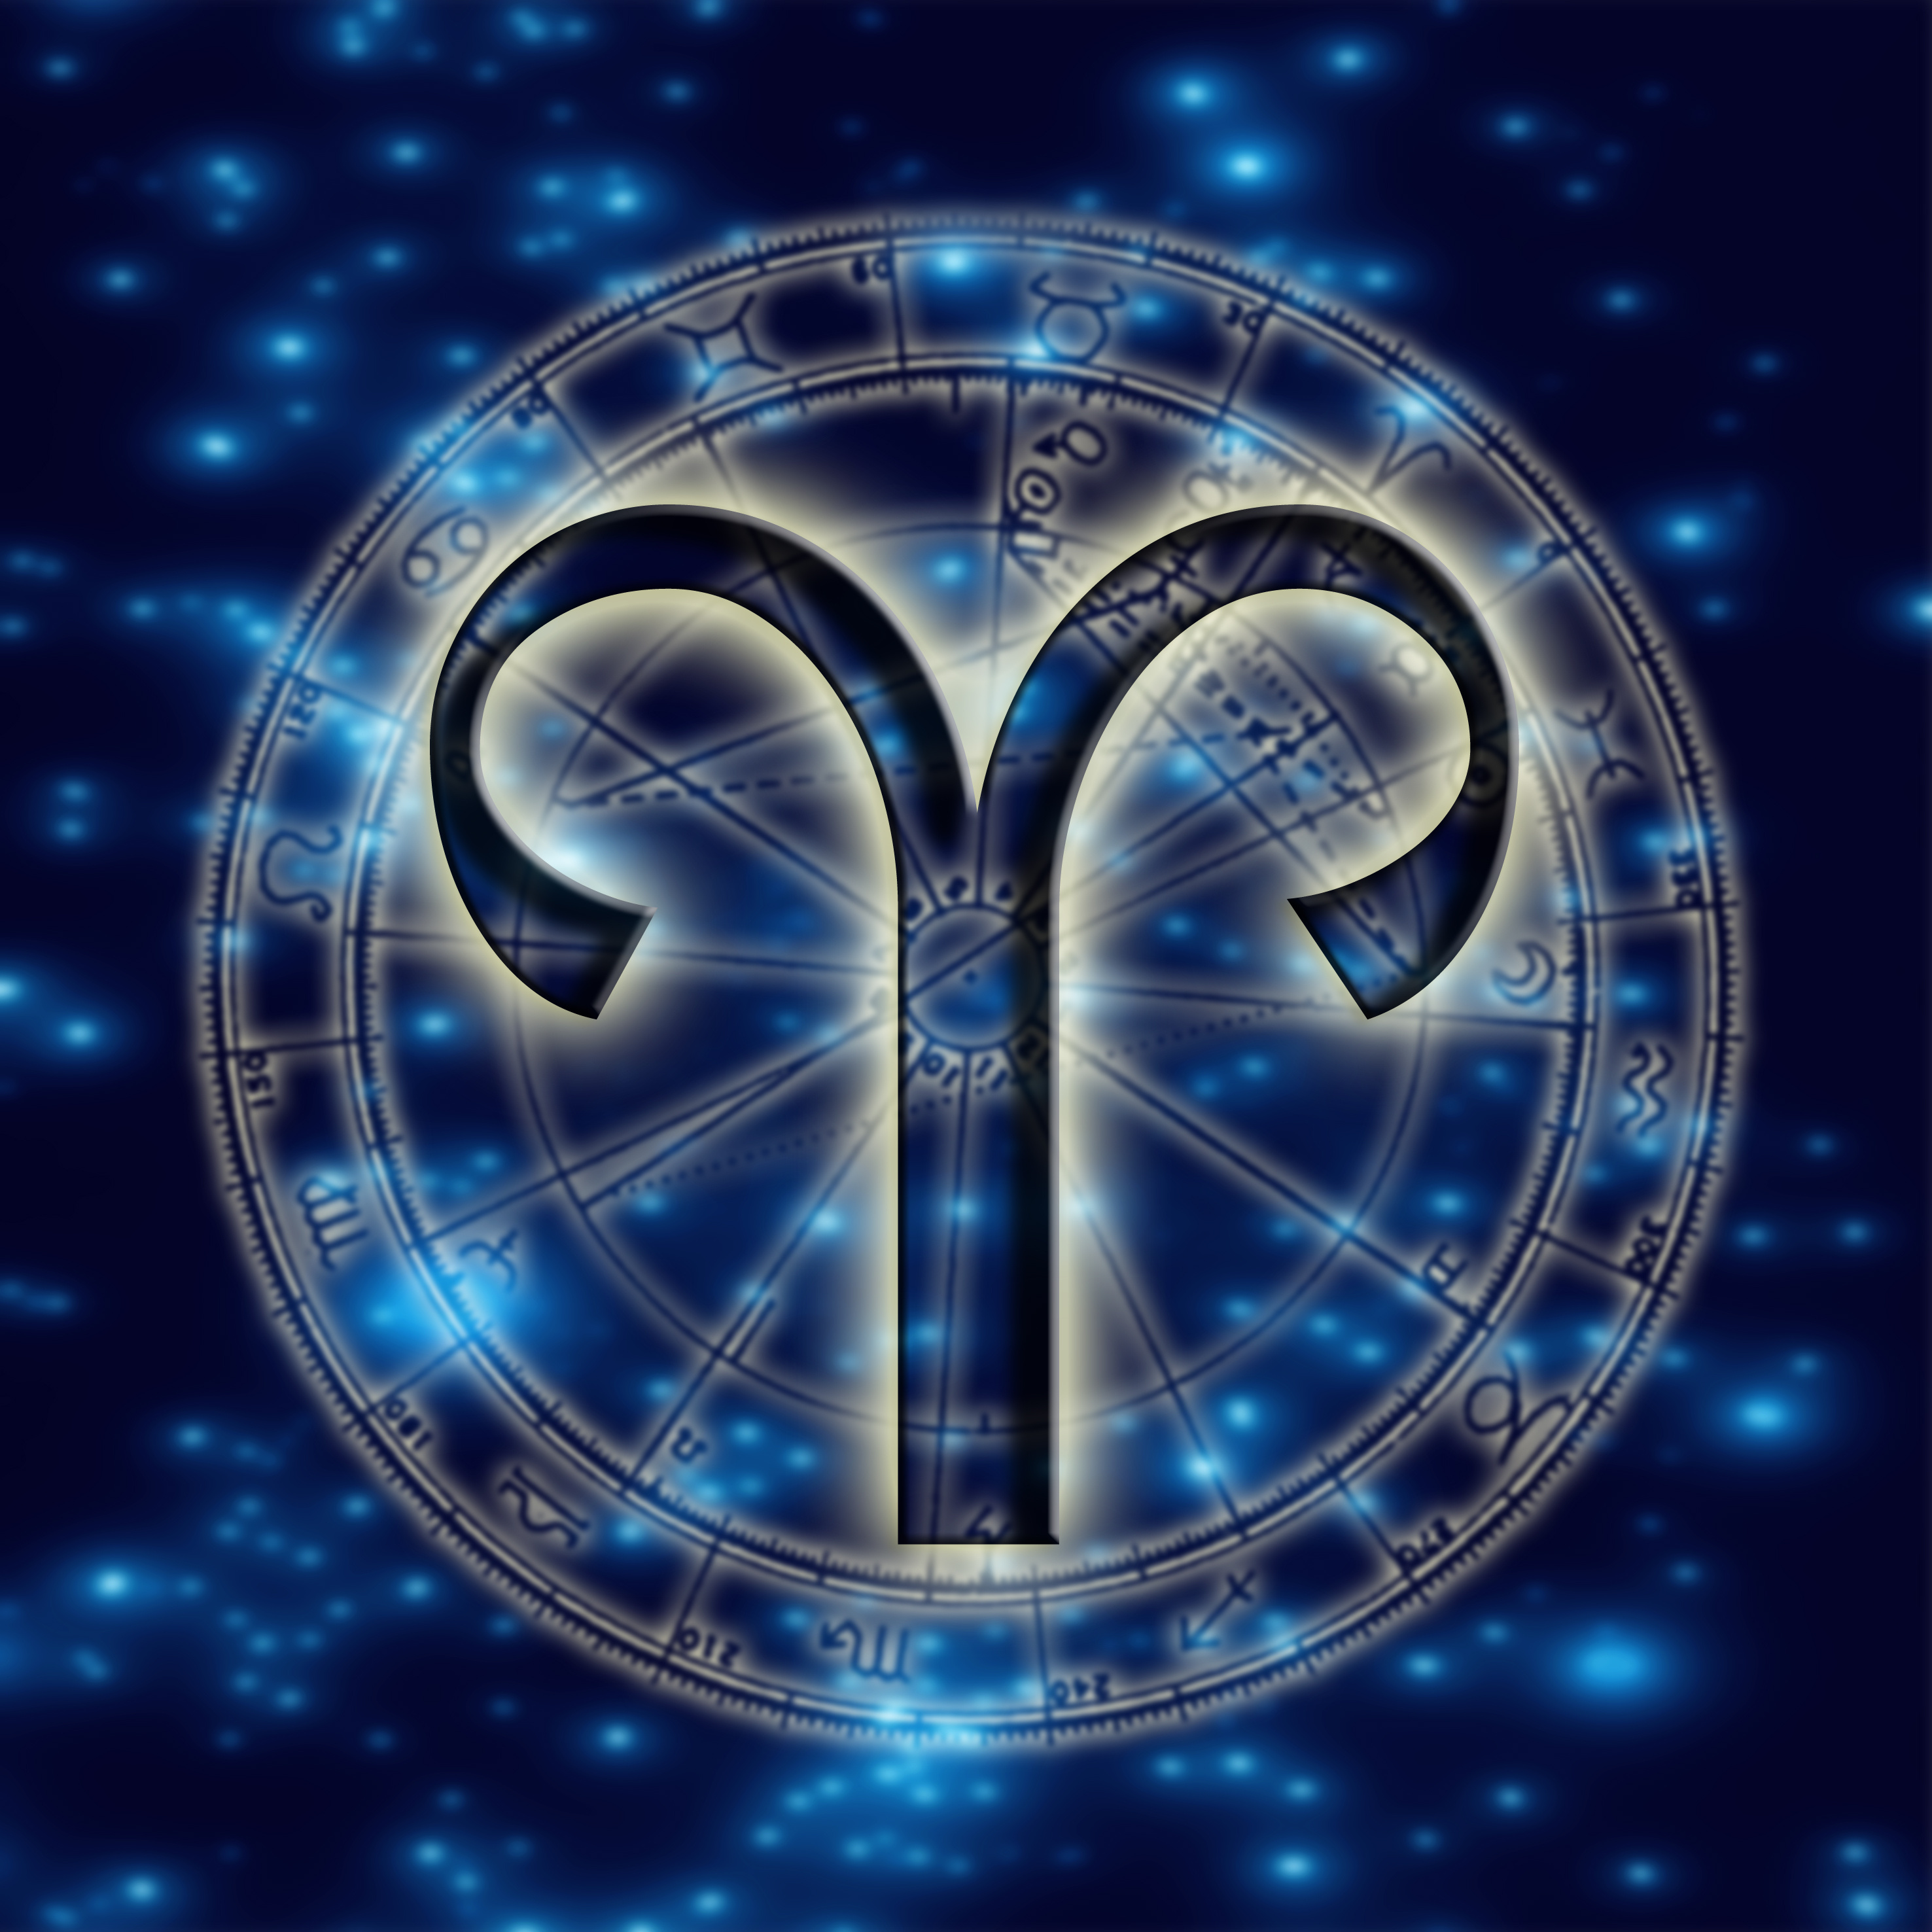 Знак зодиака стрелец рисунок